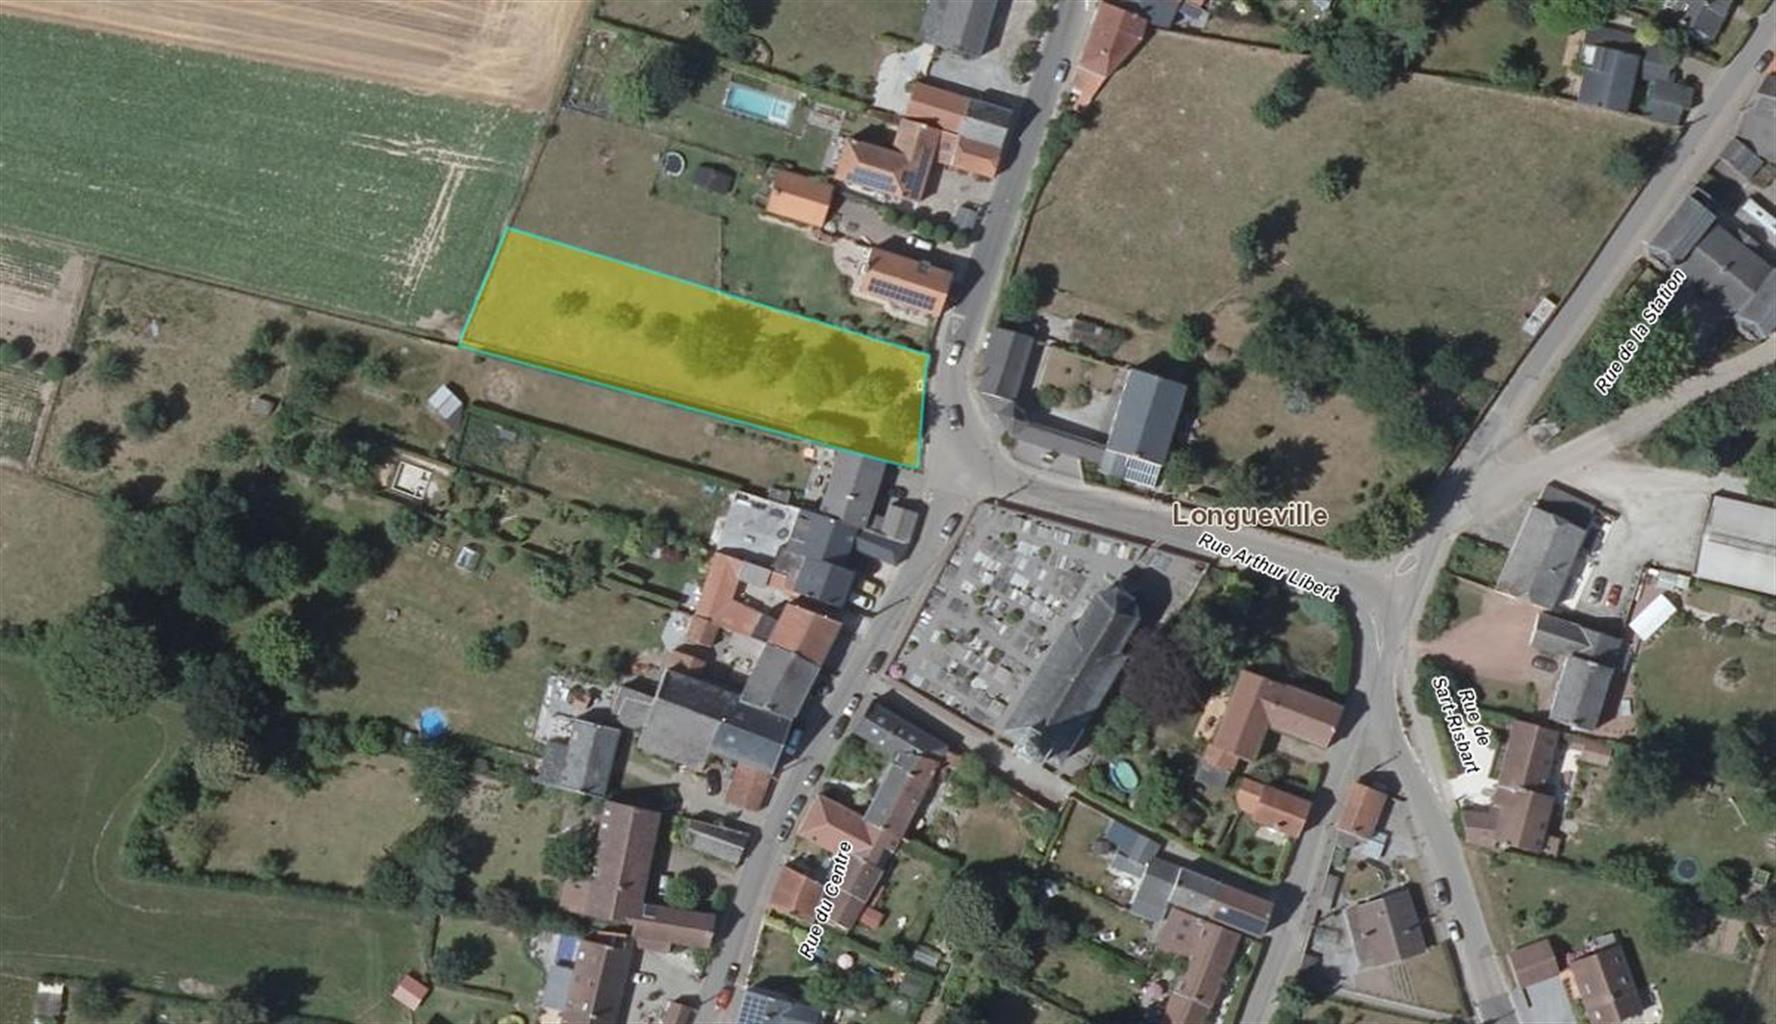 Terrain à bâtir - Chaumont-Gistoux - #3987618-4